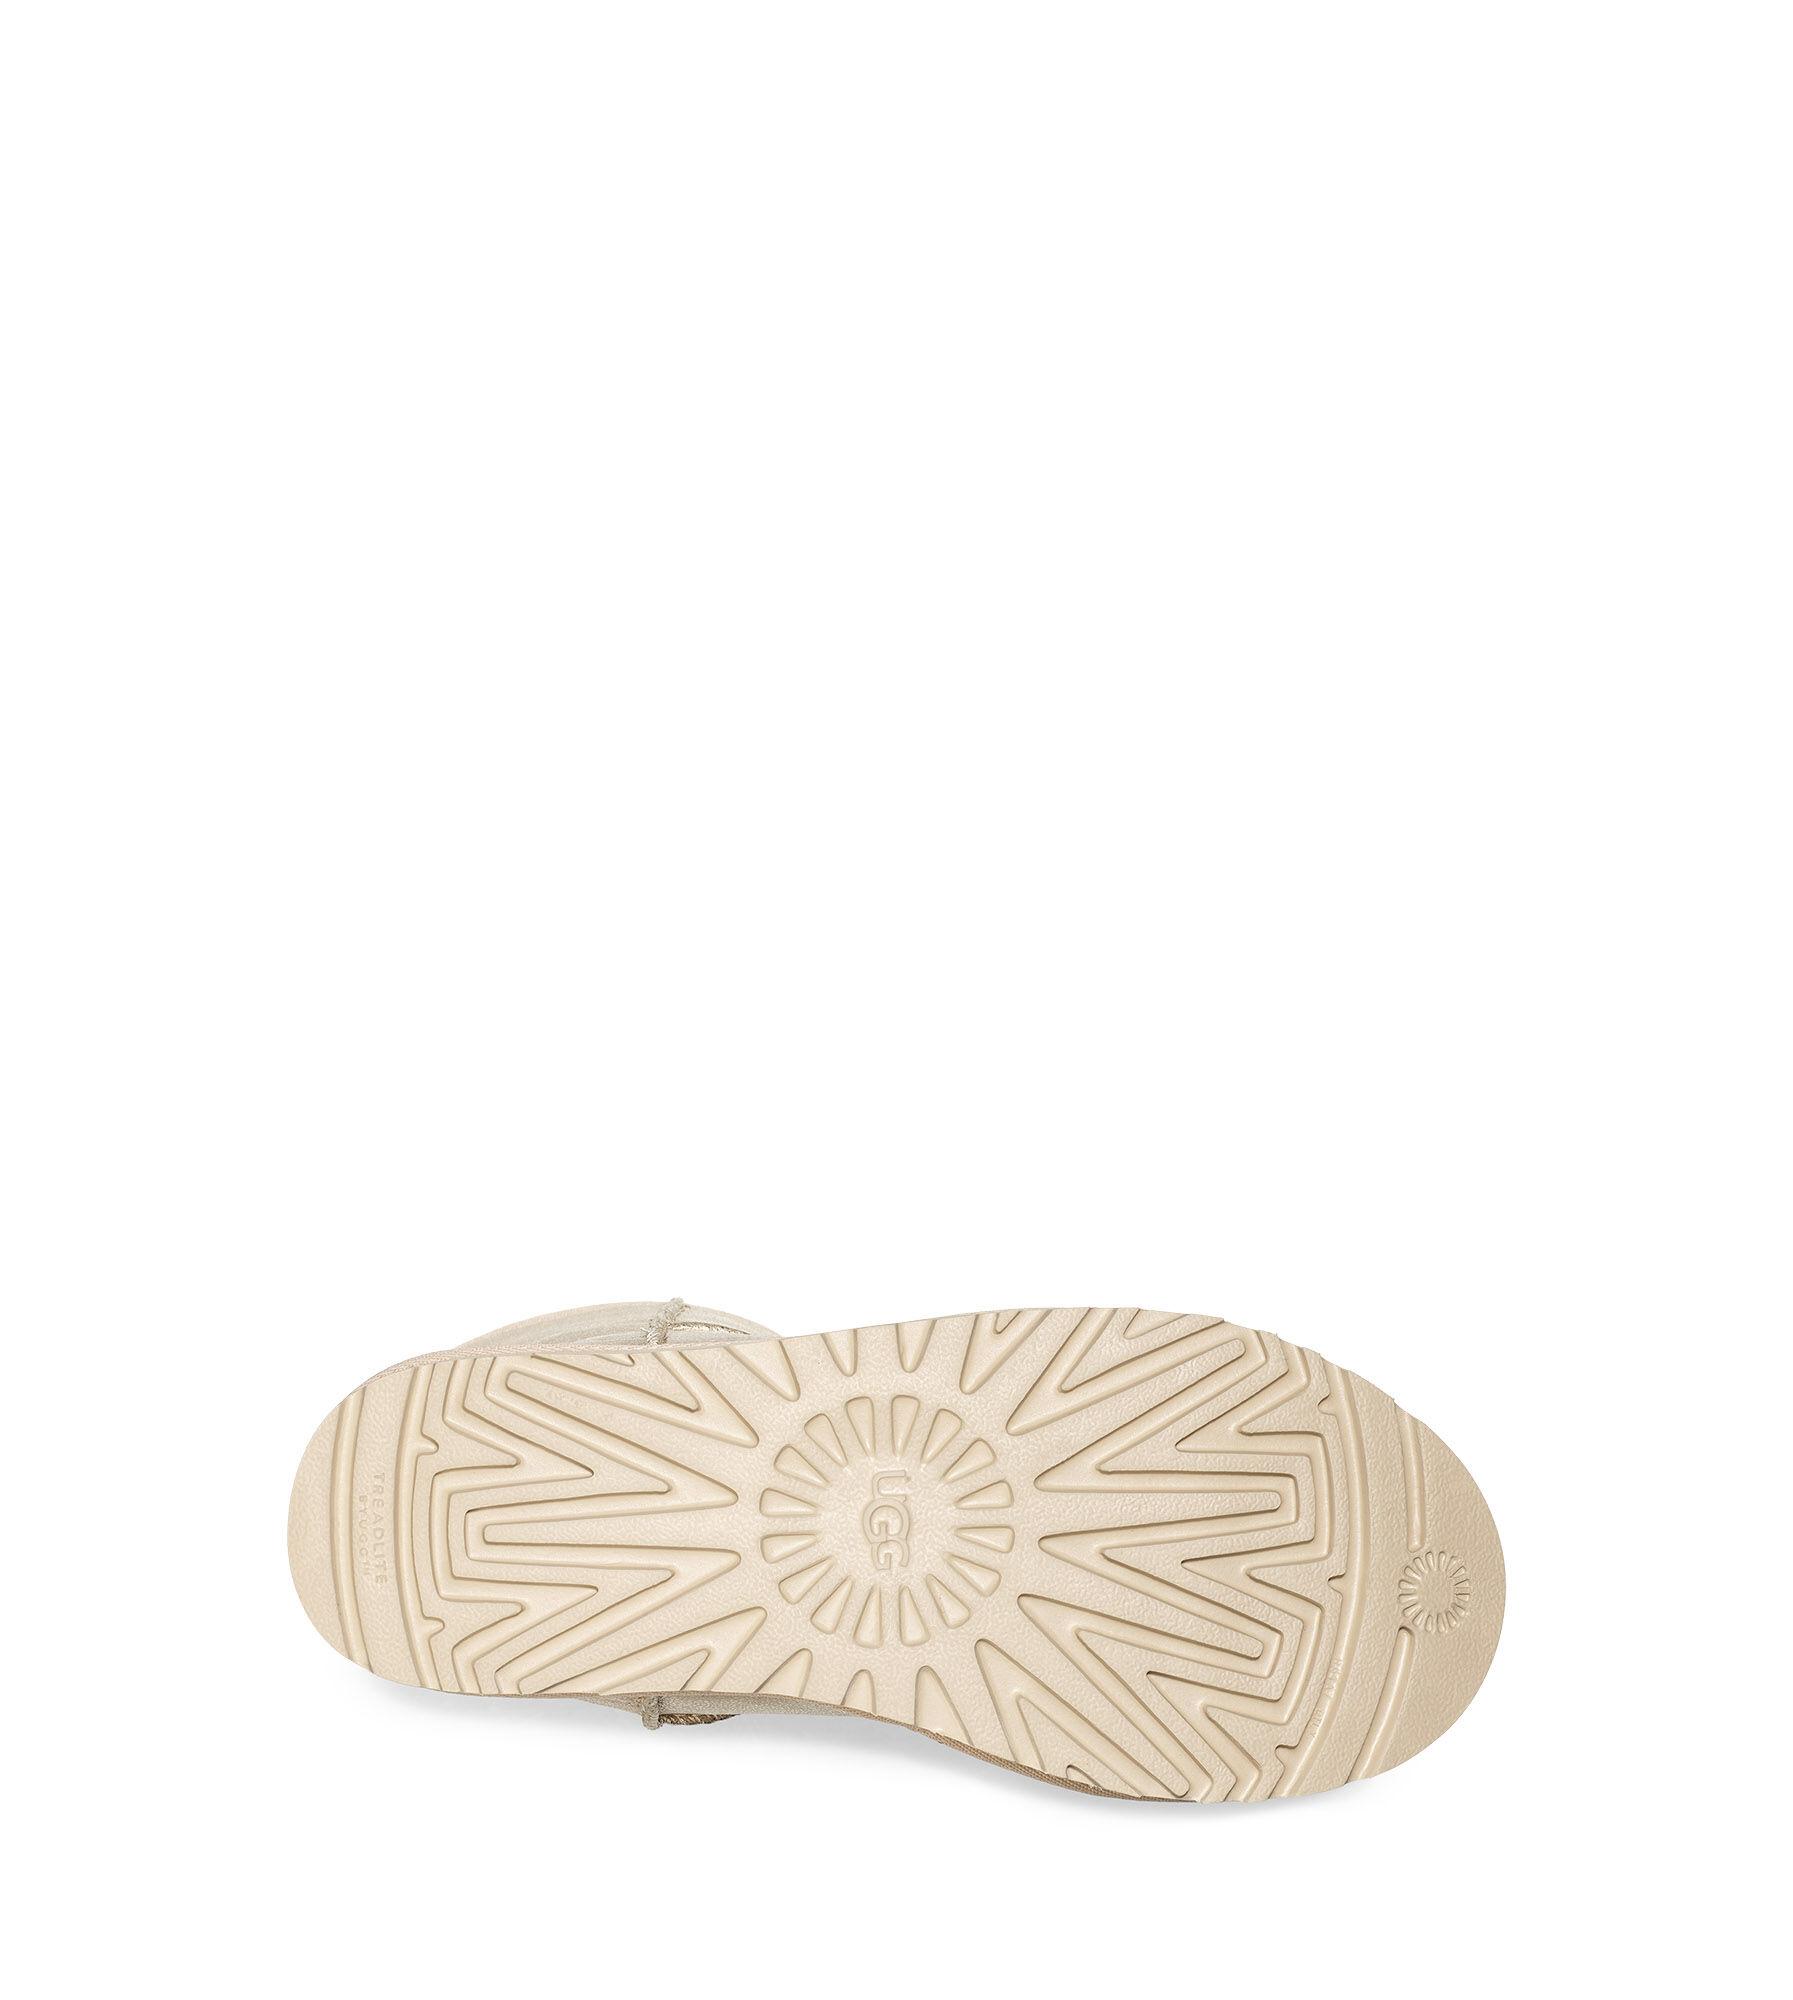 UGG® Classic Short II Iridescent Laarzen voor Dames   UGG® NL